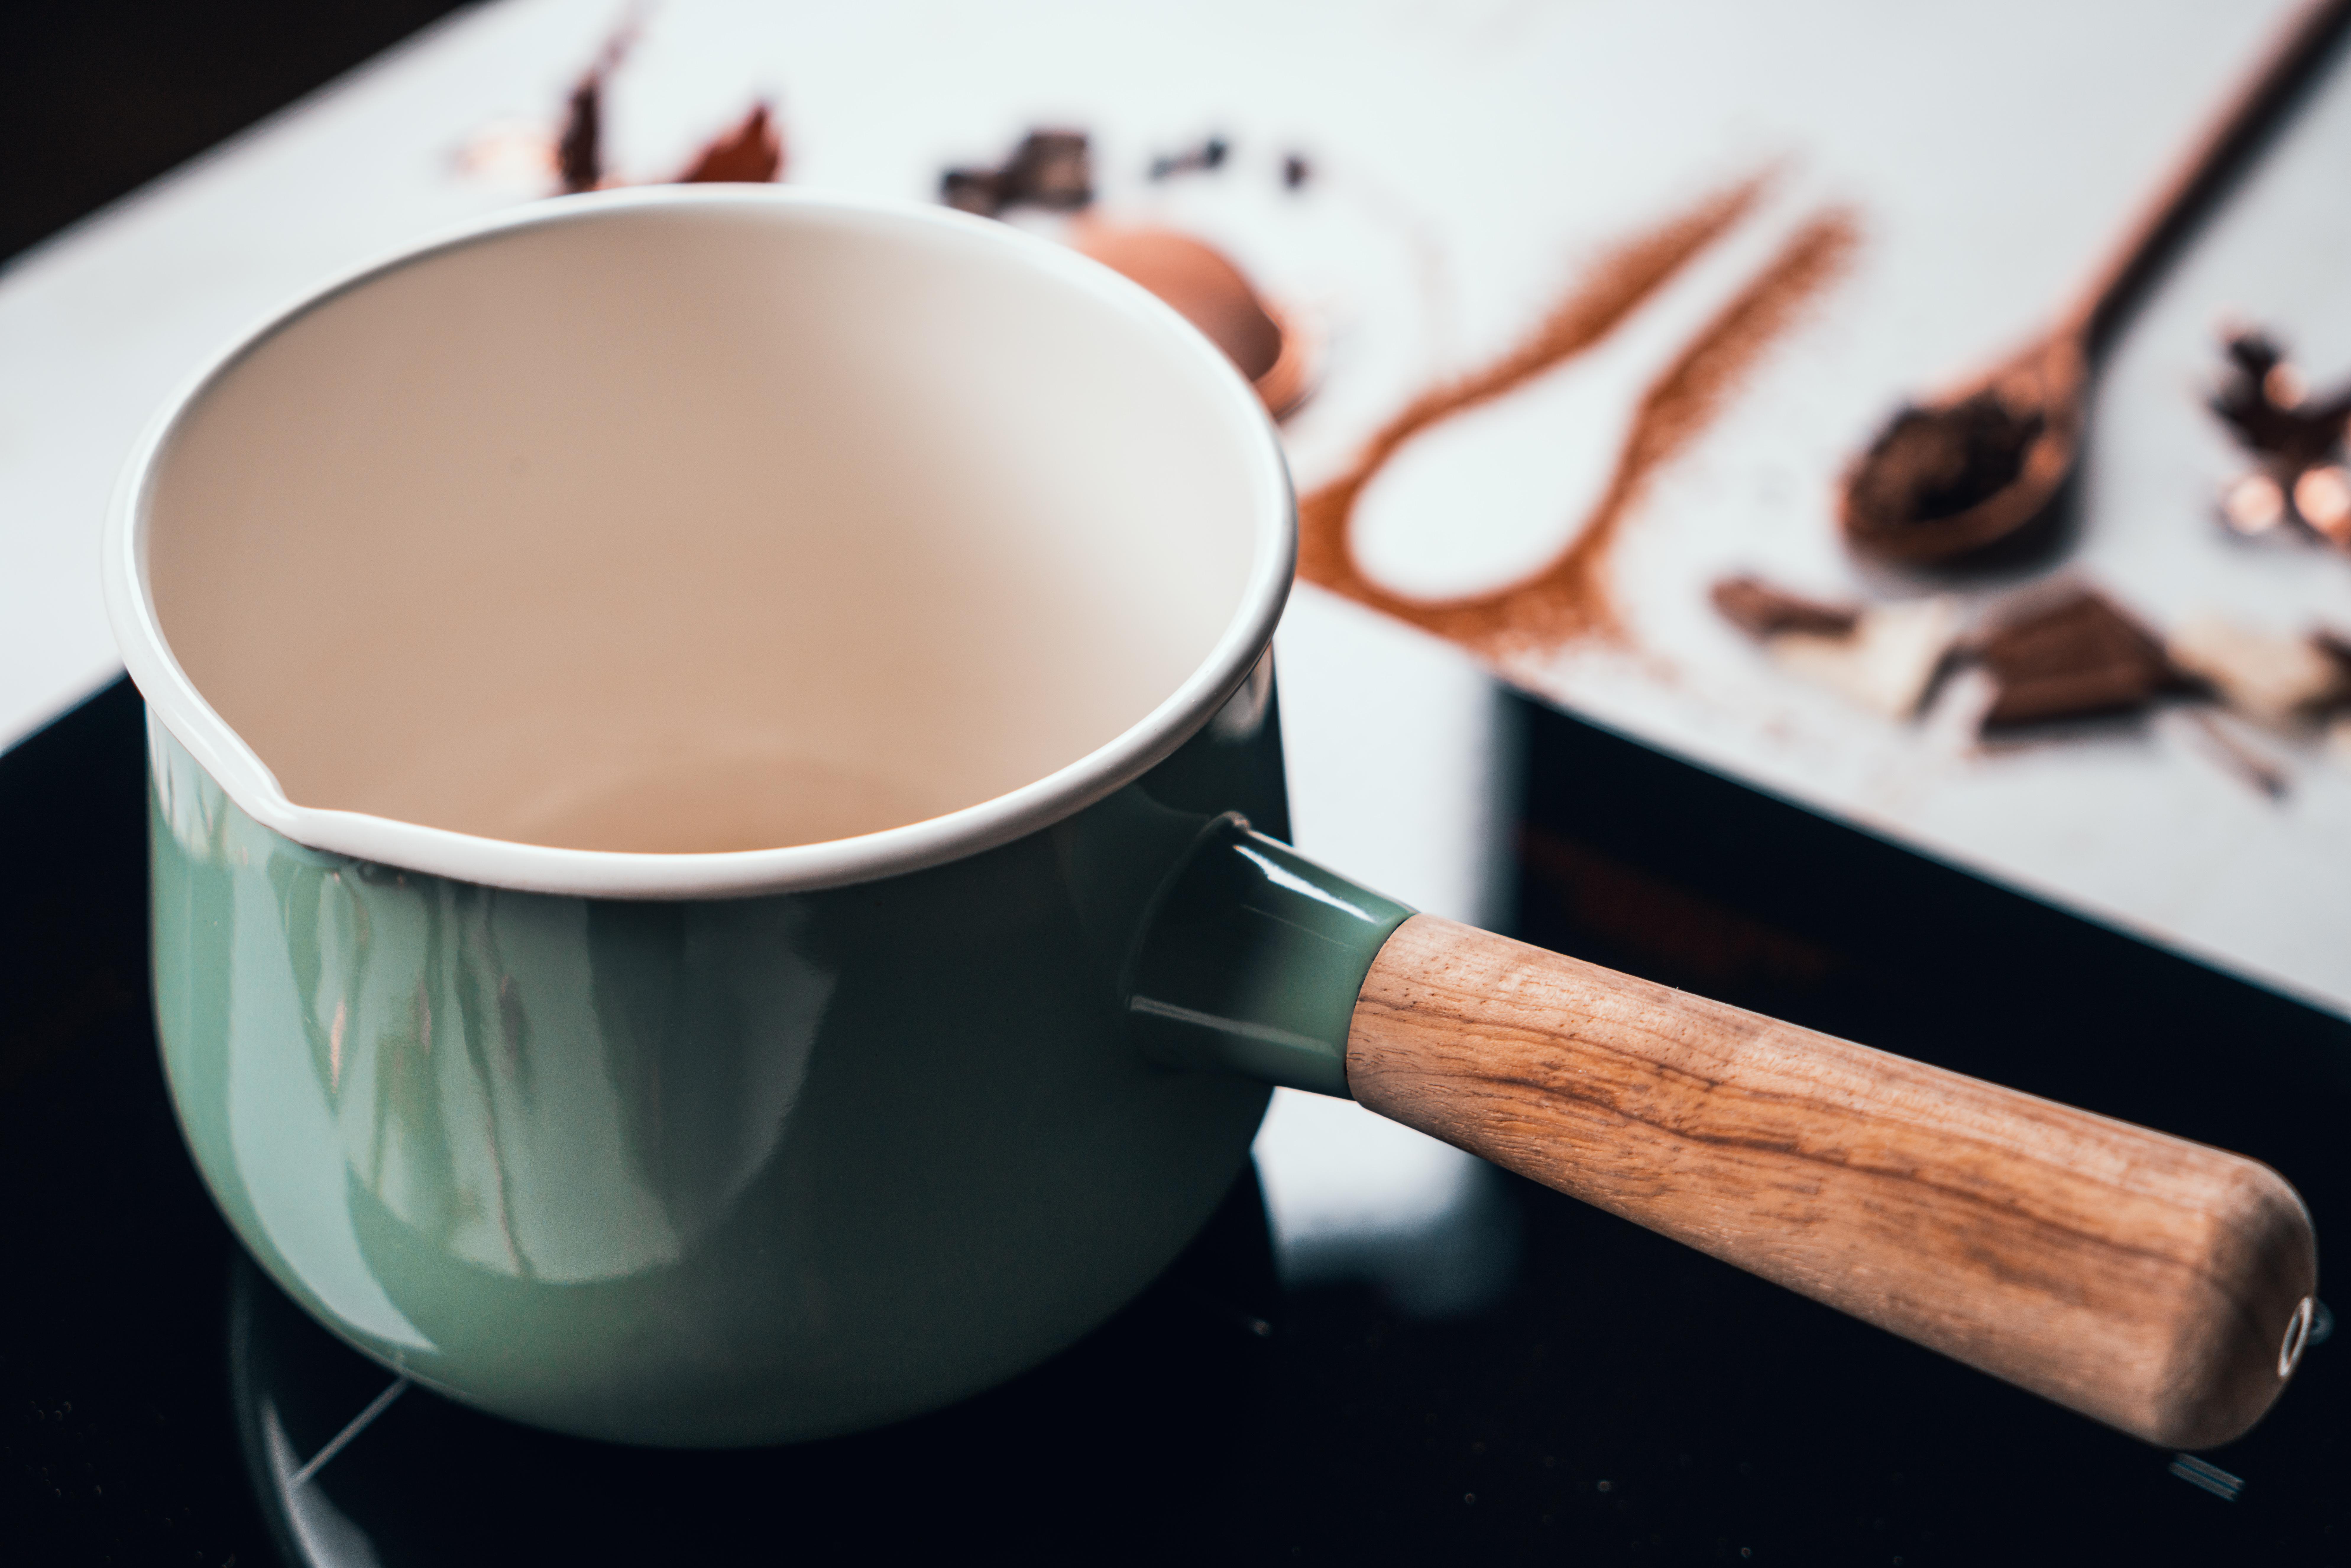 pasos para hacer un chocolate caliente en casa, las mejores ideas de bebidas calientes preparadas en casa en fotos